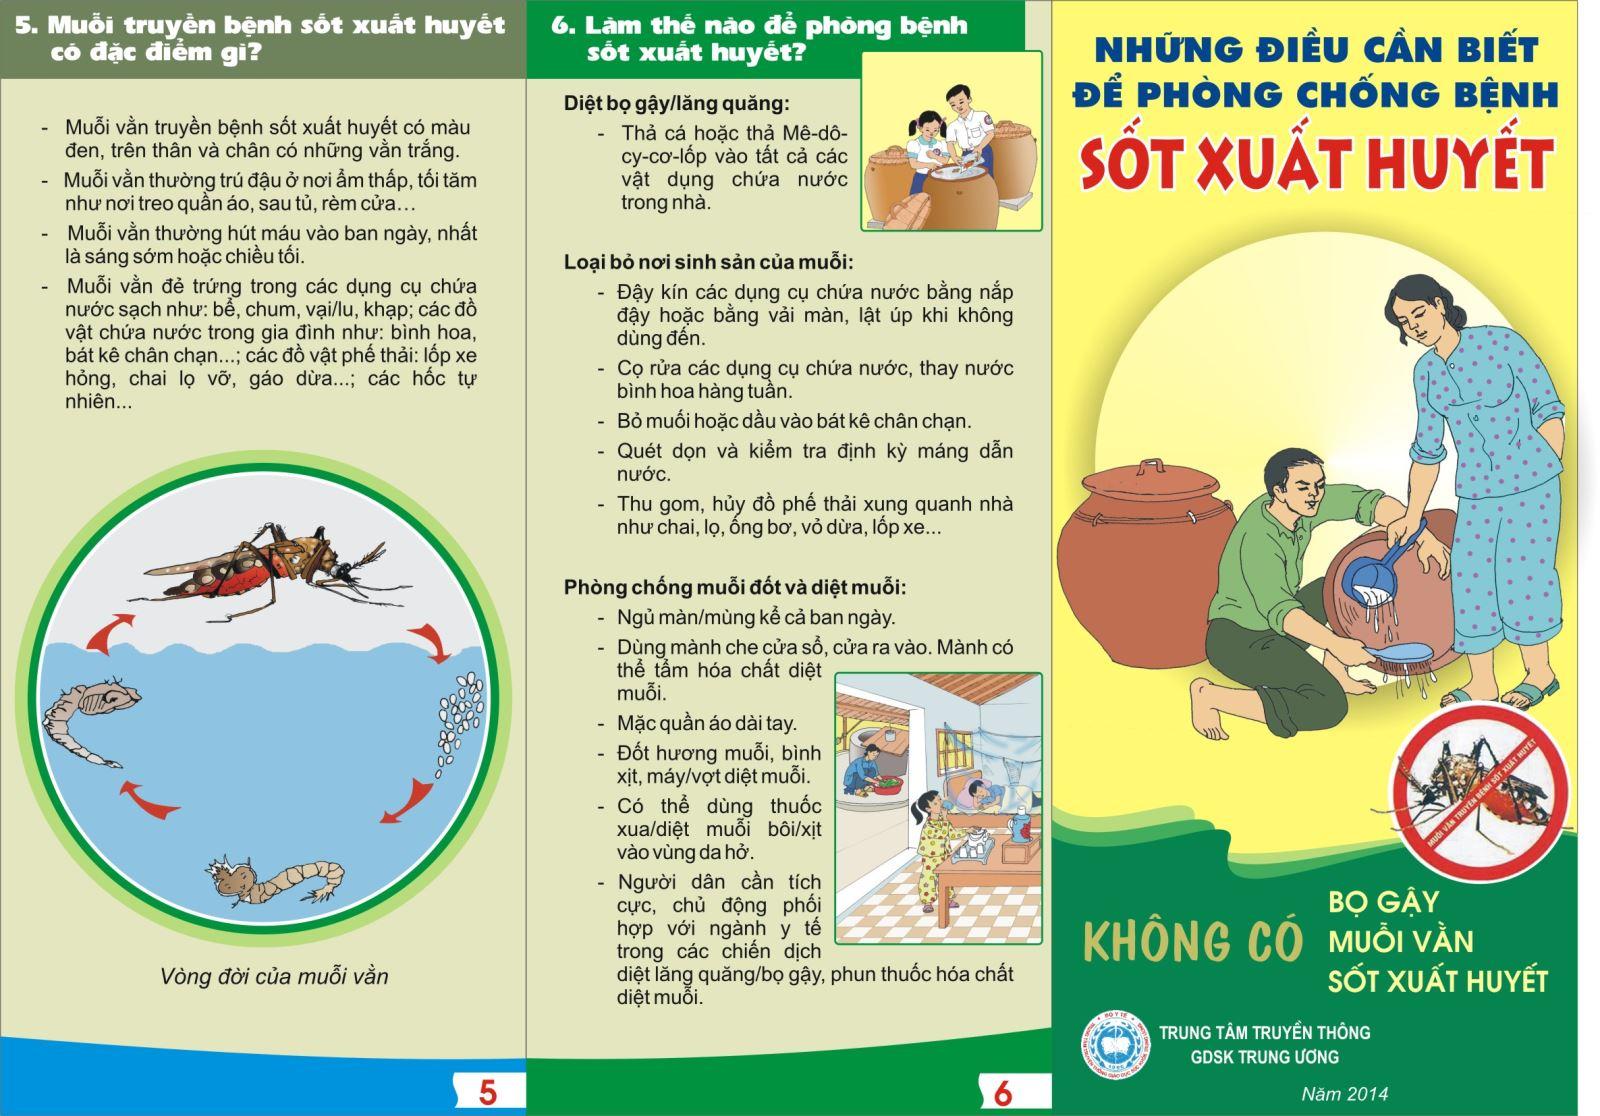 Những điều cần biết để phòng chống bệnh sốt xuất huyết)